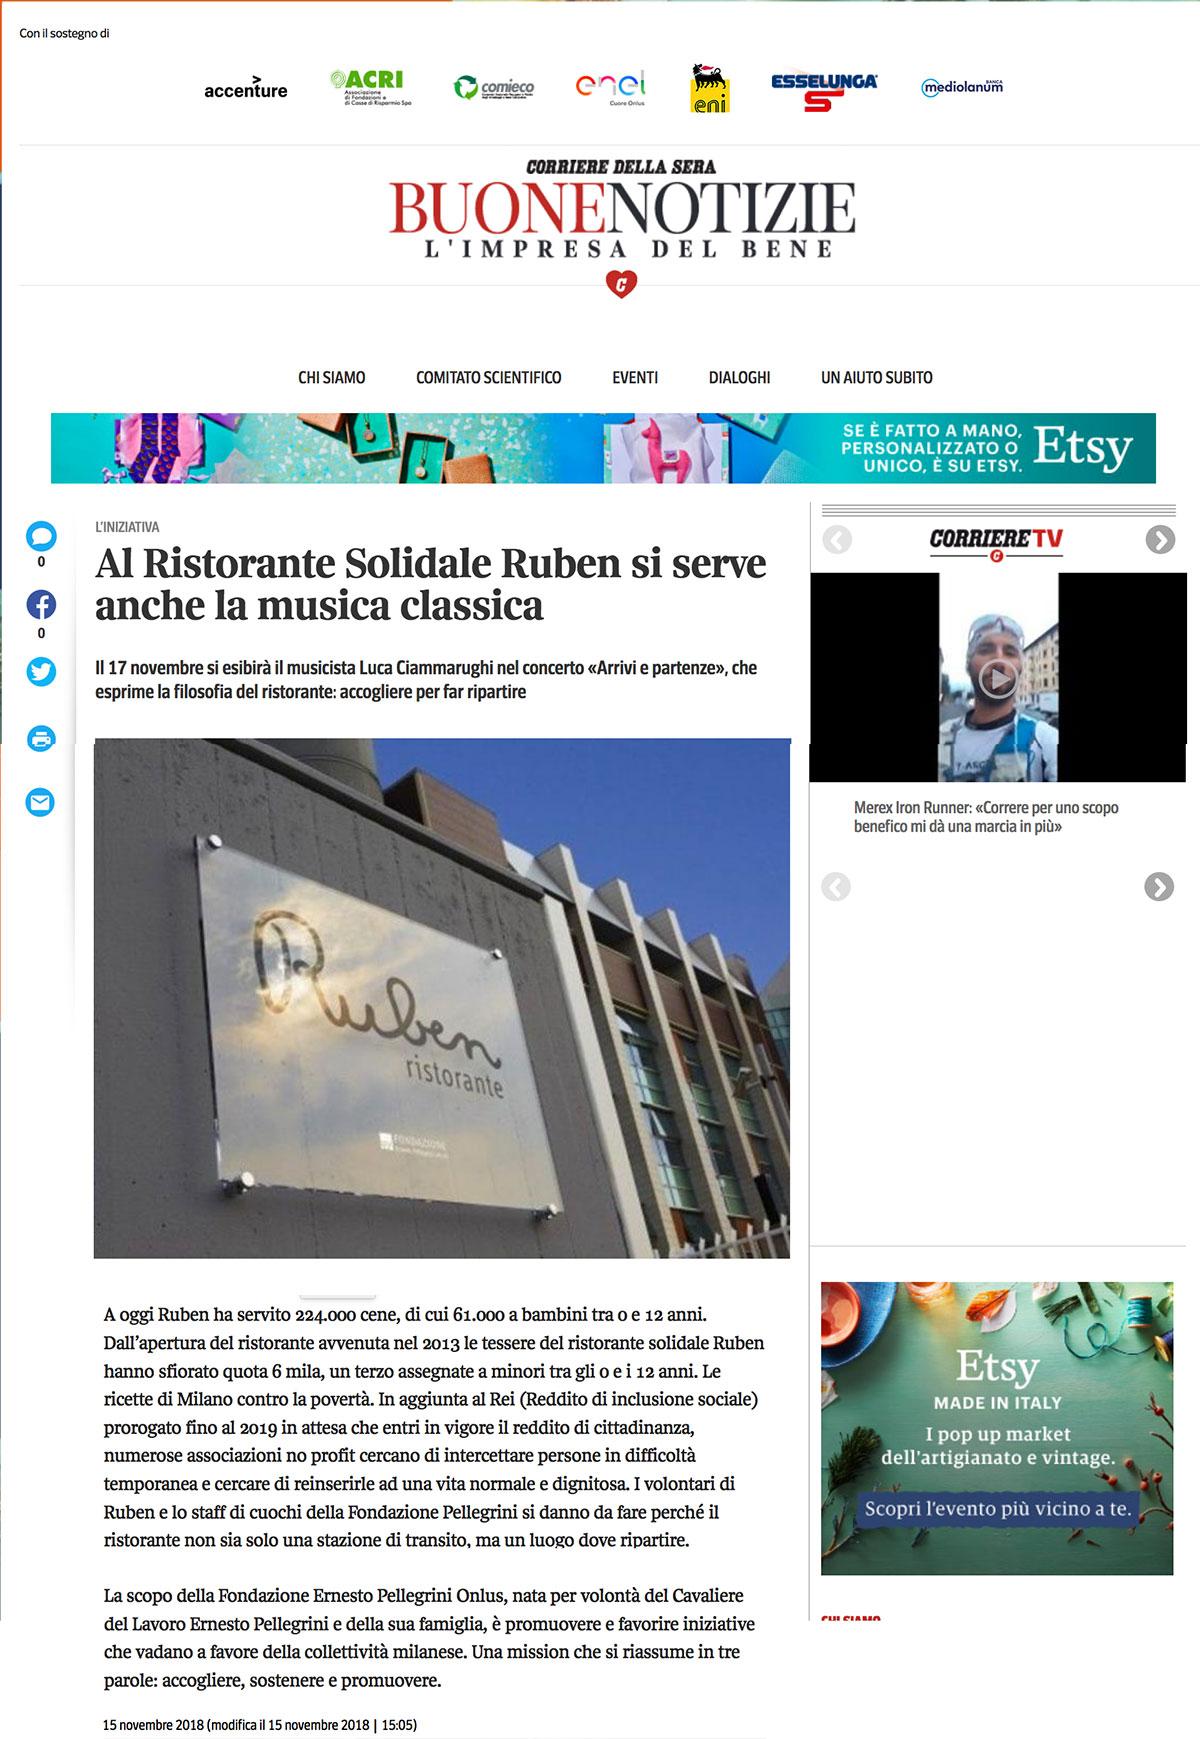 ClassicAperta: Corriere Buone notizie - Al Ristorante Solidale Ruben si serve anche musica classica